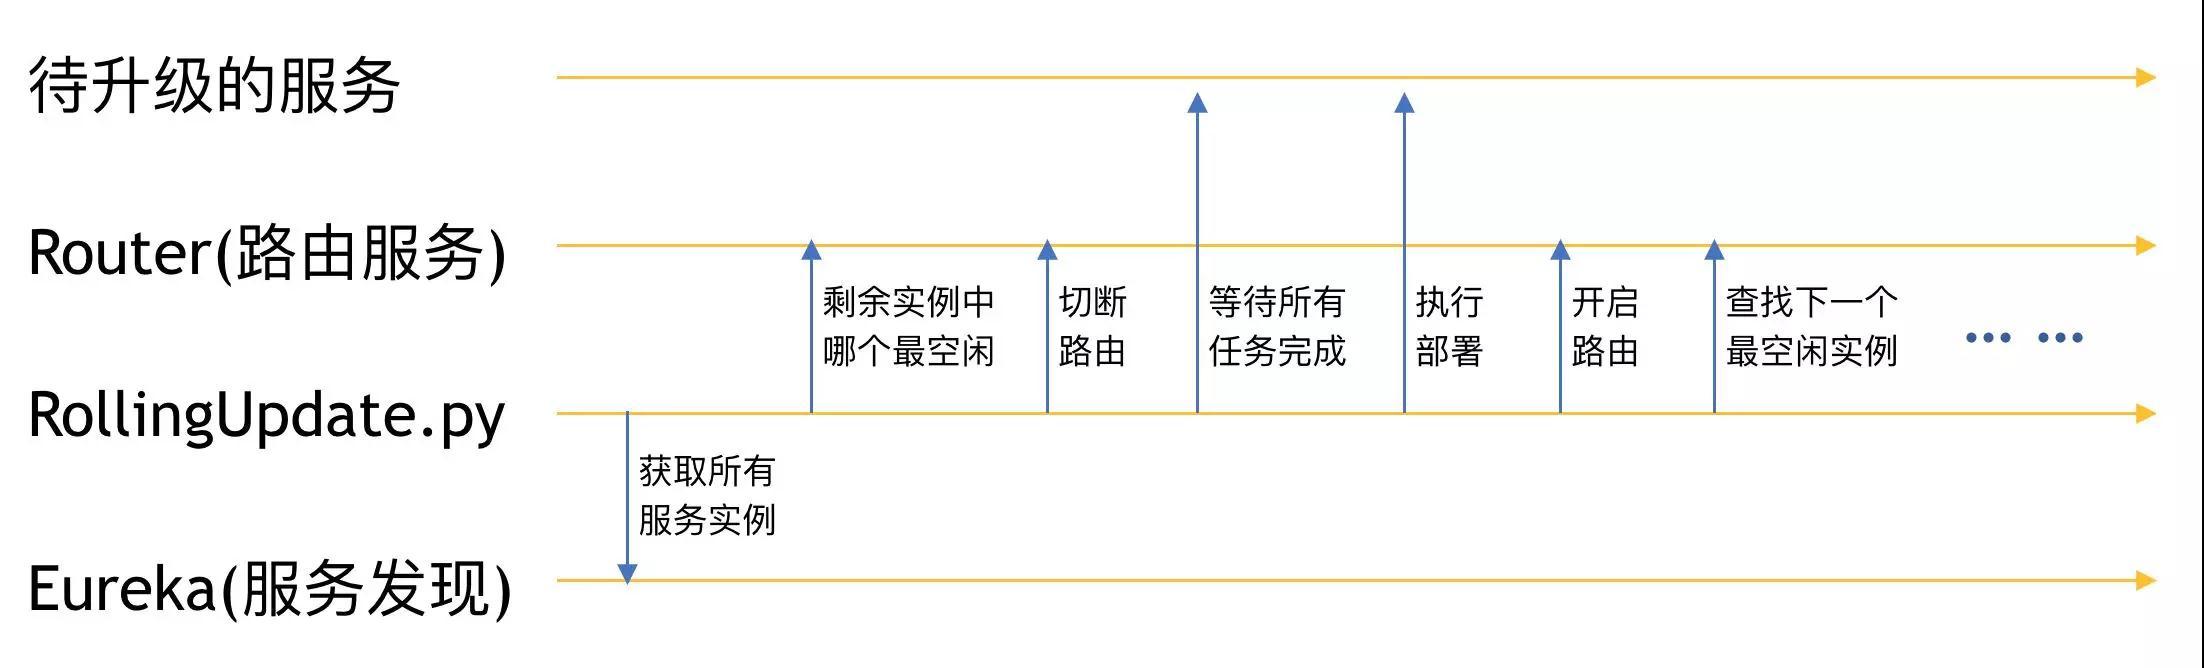 如何有效提升团队的微服务落地能力?插图(4)